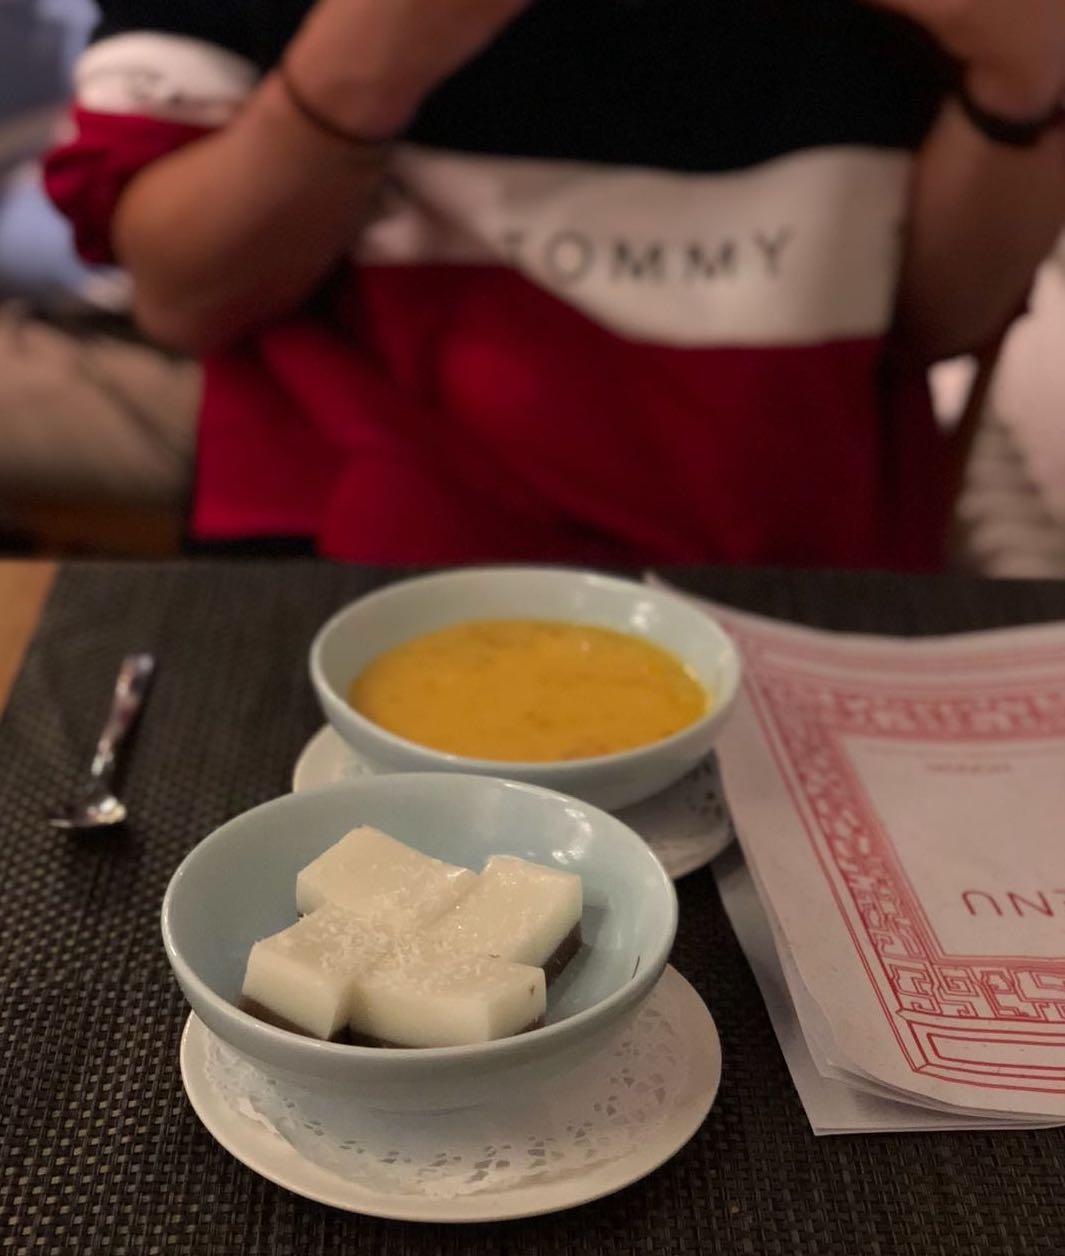 Es muss nicht immer Kuchen sein: Kokosnuss-Pudding mit roten Bohnen und Mango-Grapefruit-Kaltschale sind eine willkommene Abwechslung. Foto: Lunchgate/Manu